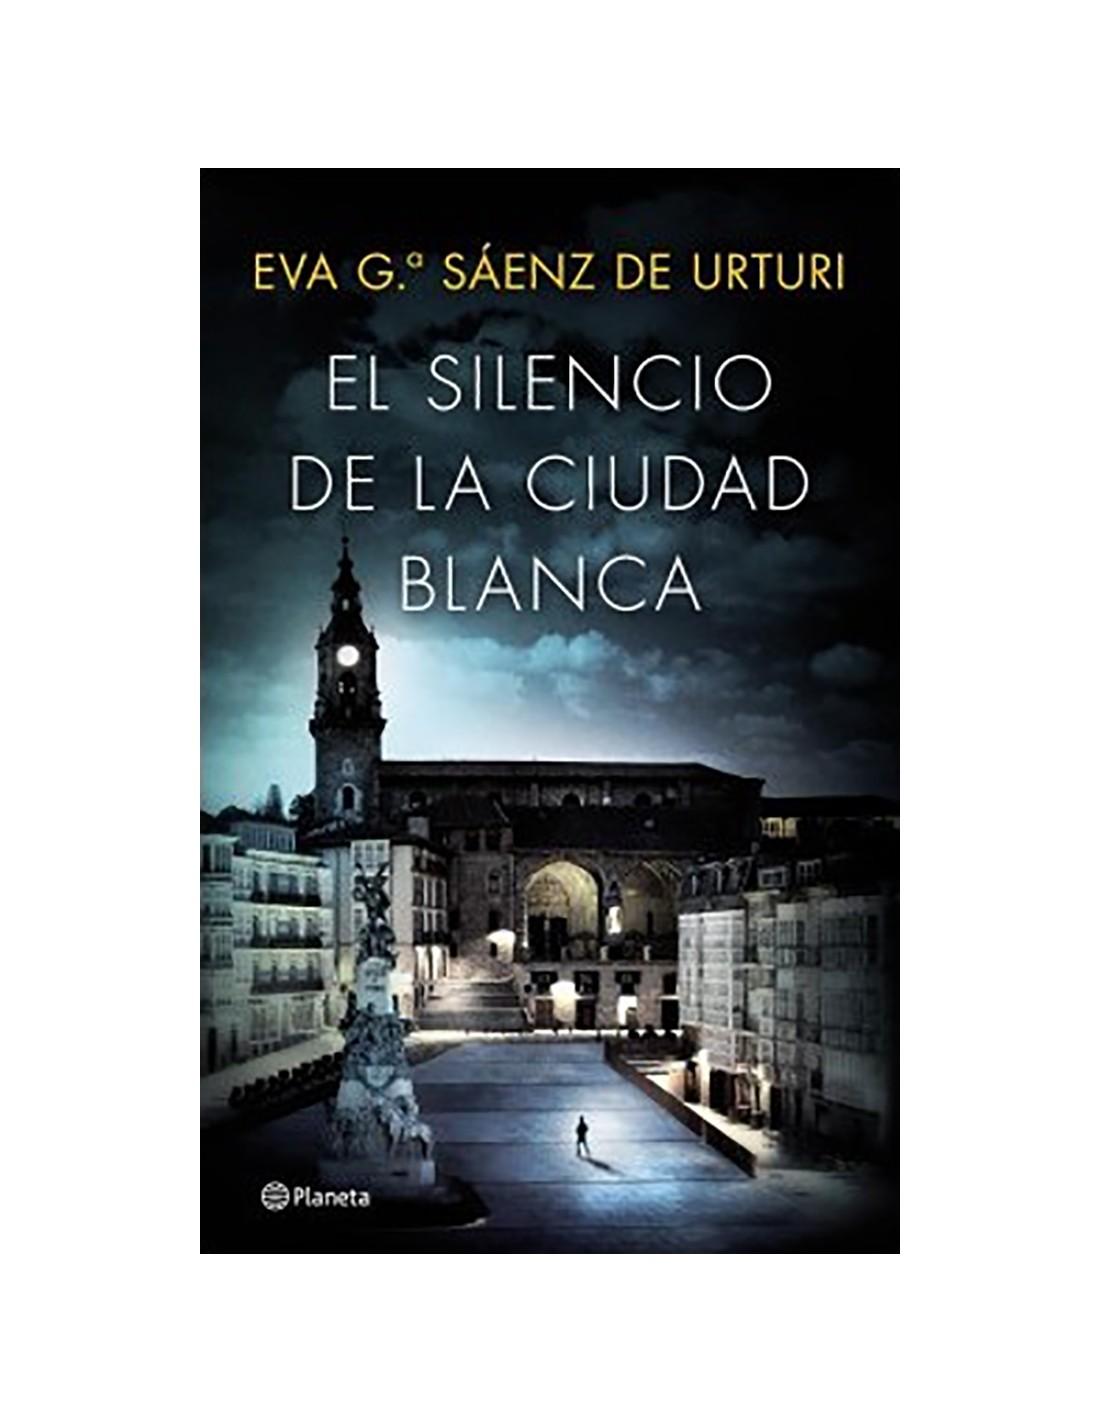 El Silencio De La Ciudad Blanca : silencio, ciudad, blanca, Contrapunto.cl:, Silencio, Ciudad, Blanca, (9789563605990):, Garcia, Saenz